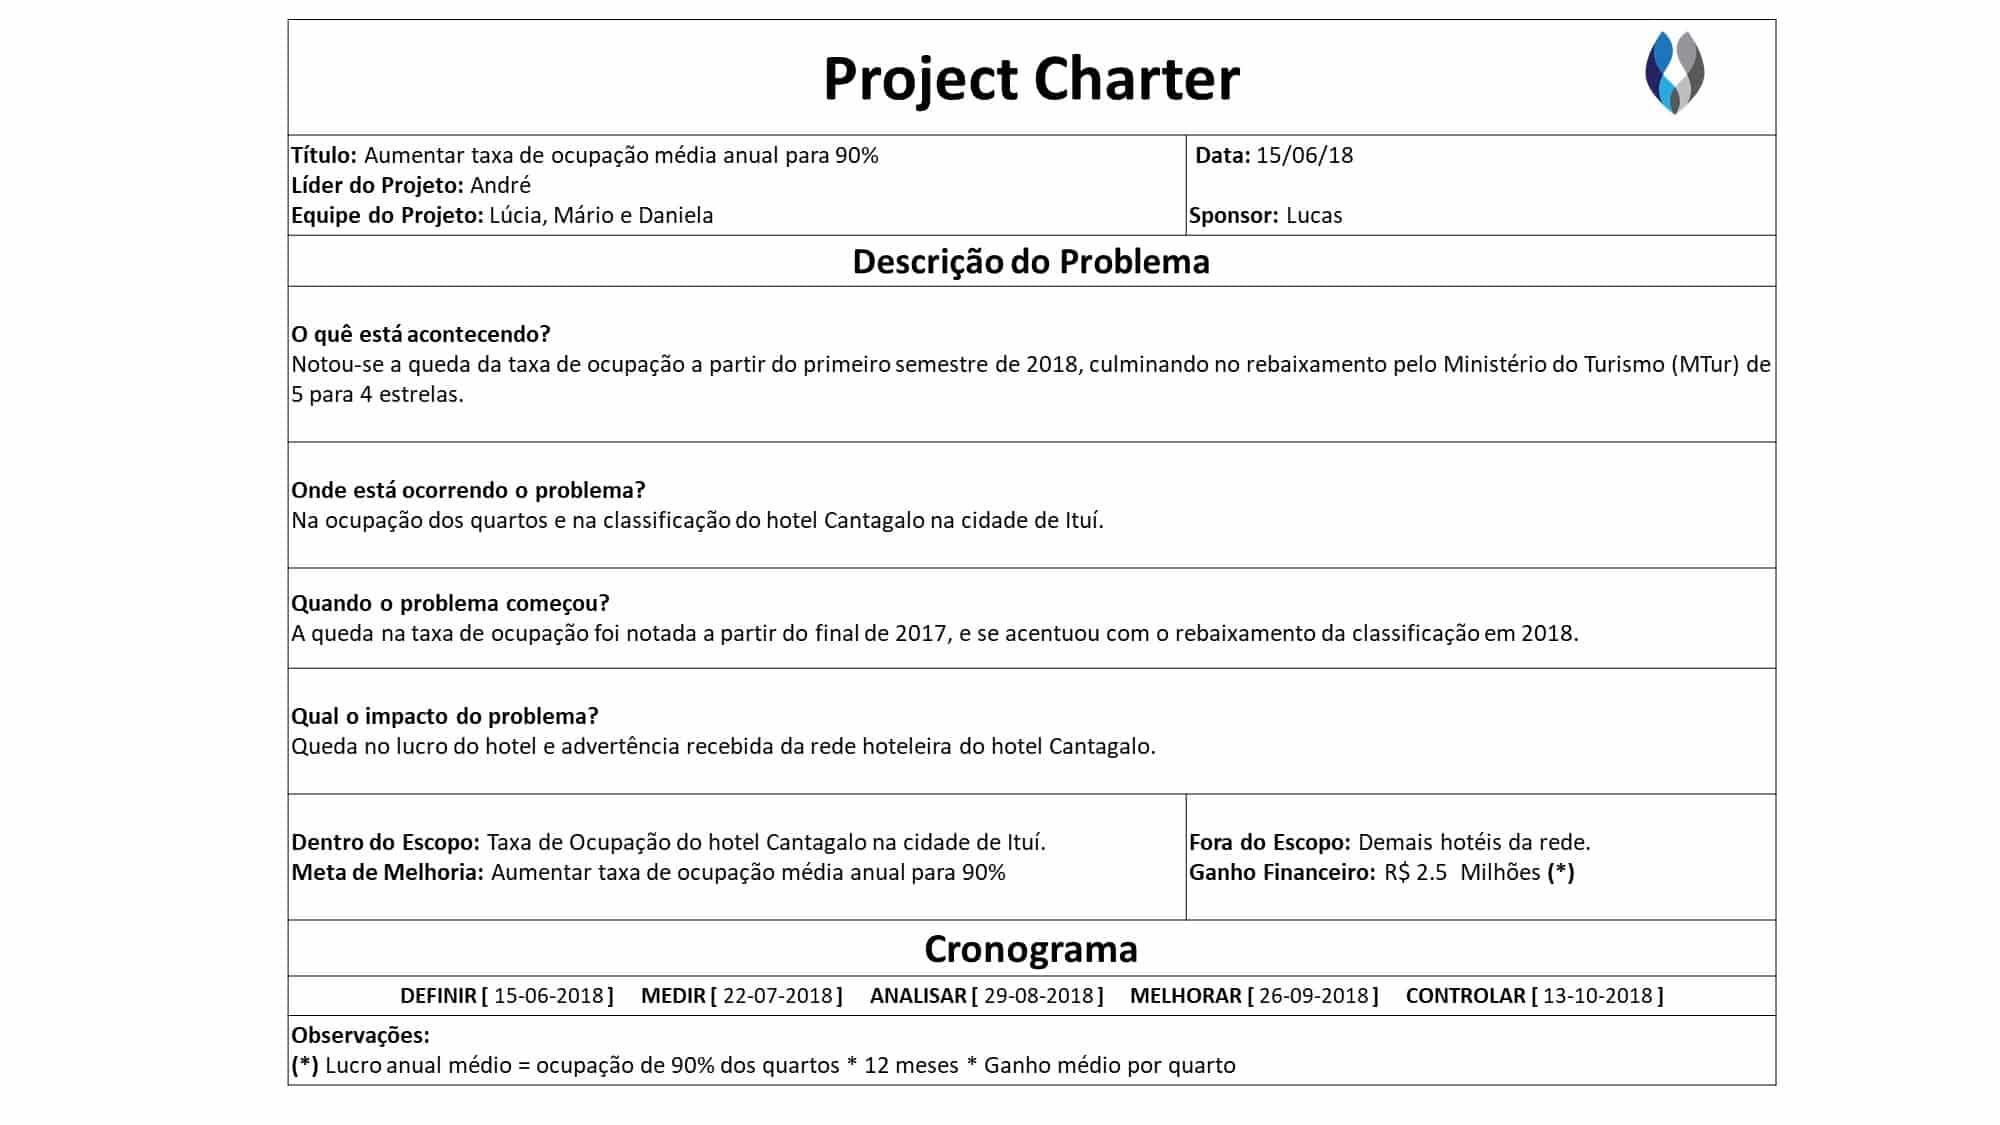 Um exemplo de Project Charter totalmente montado